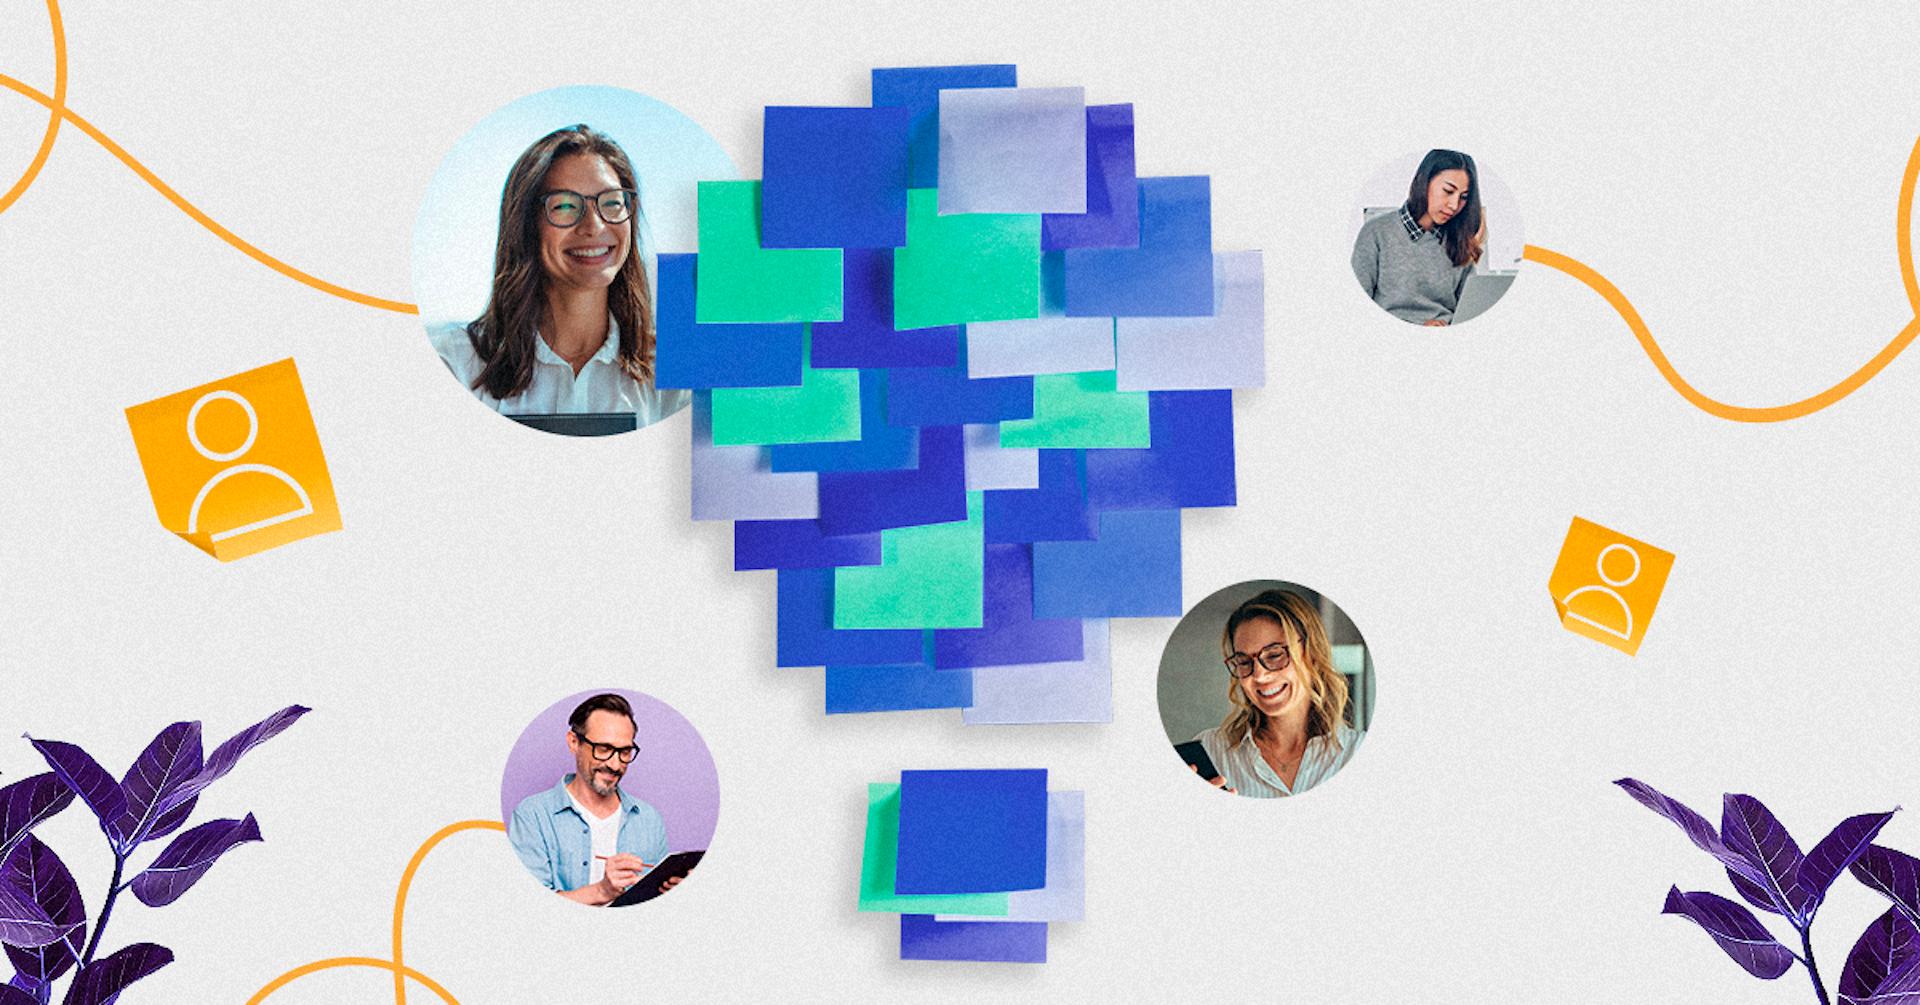 ¿Cómo incorporar el Design Thinking al departamento de Recursos Humanos?